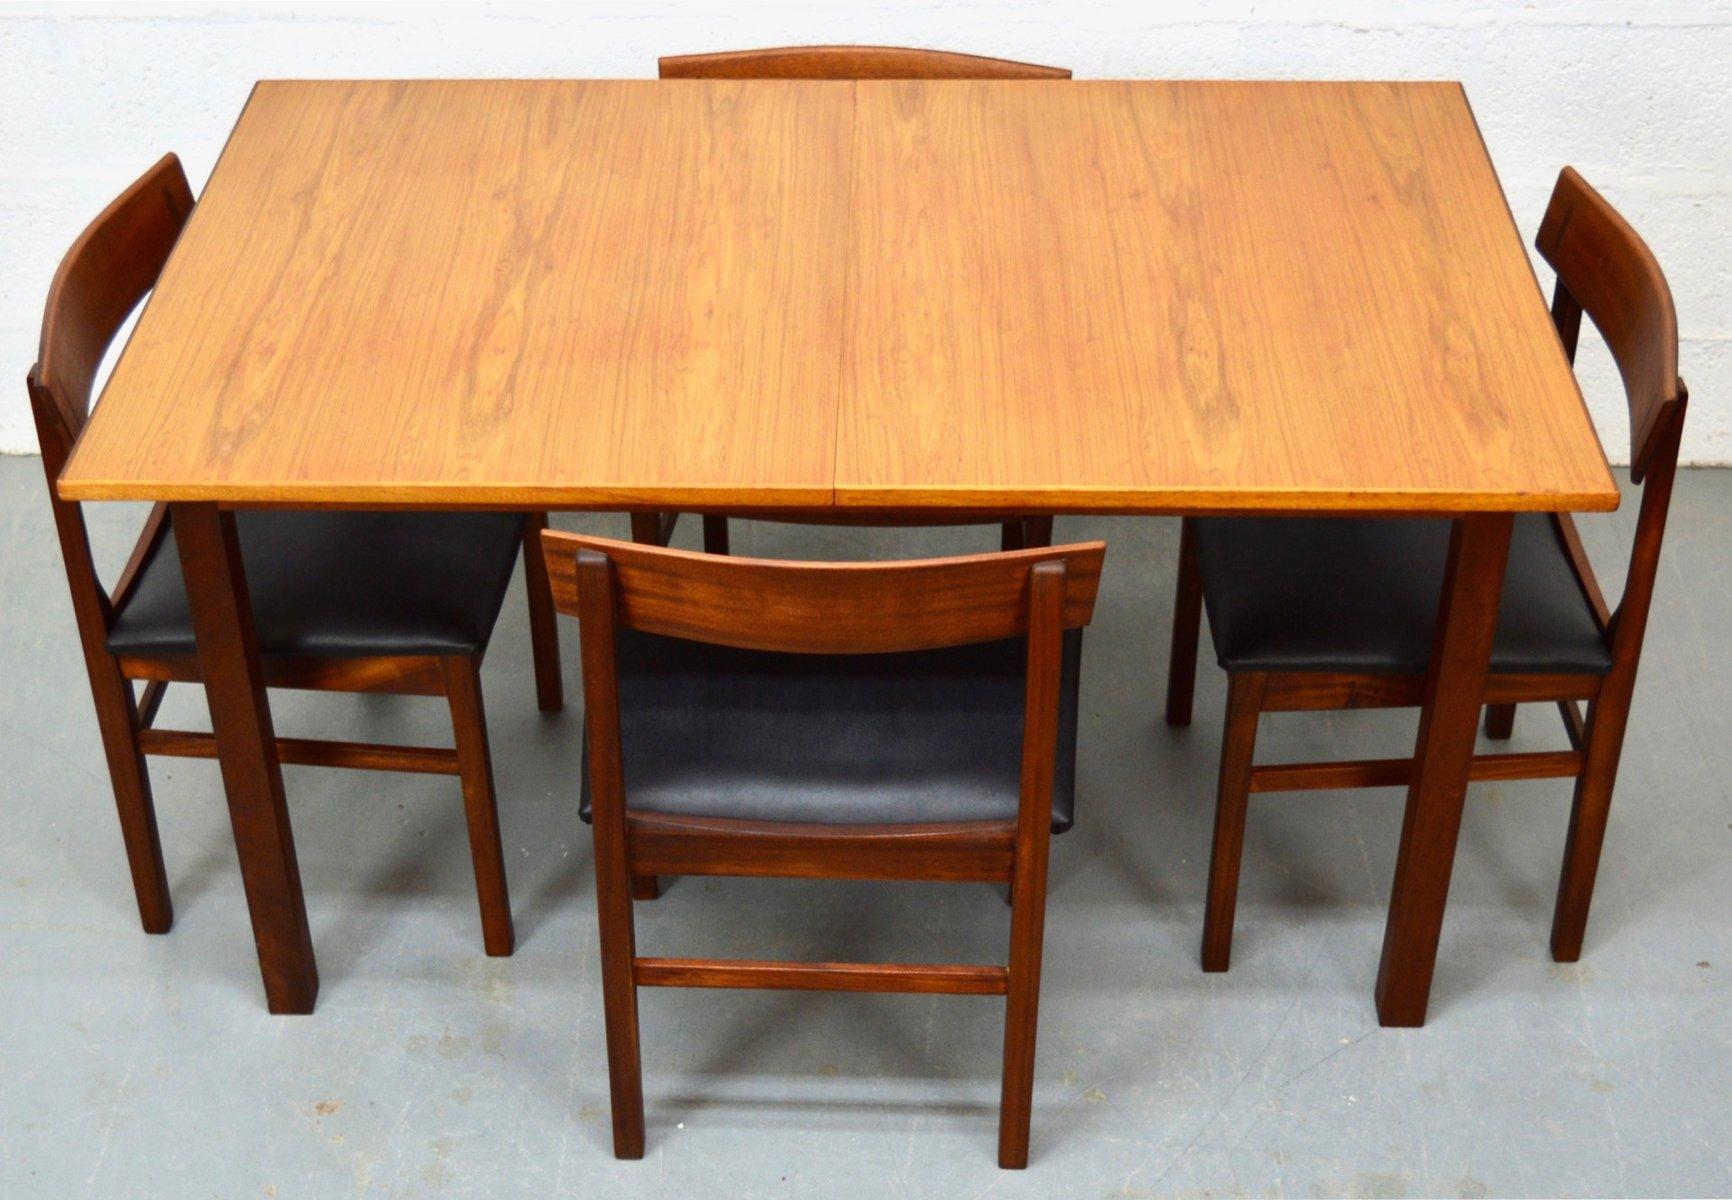 Teakholz tisch  Mid-Century Teak Tisch und Stühle von Gordon Russell bei Pamono kaufen